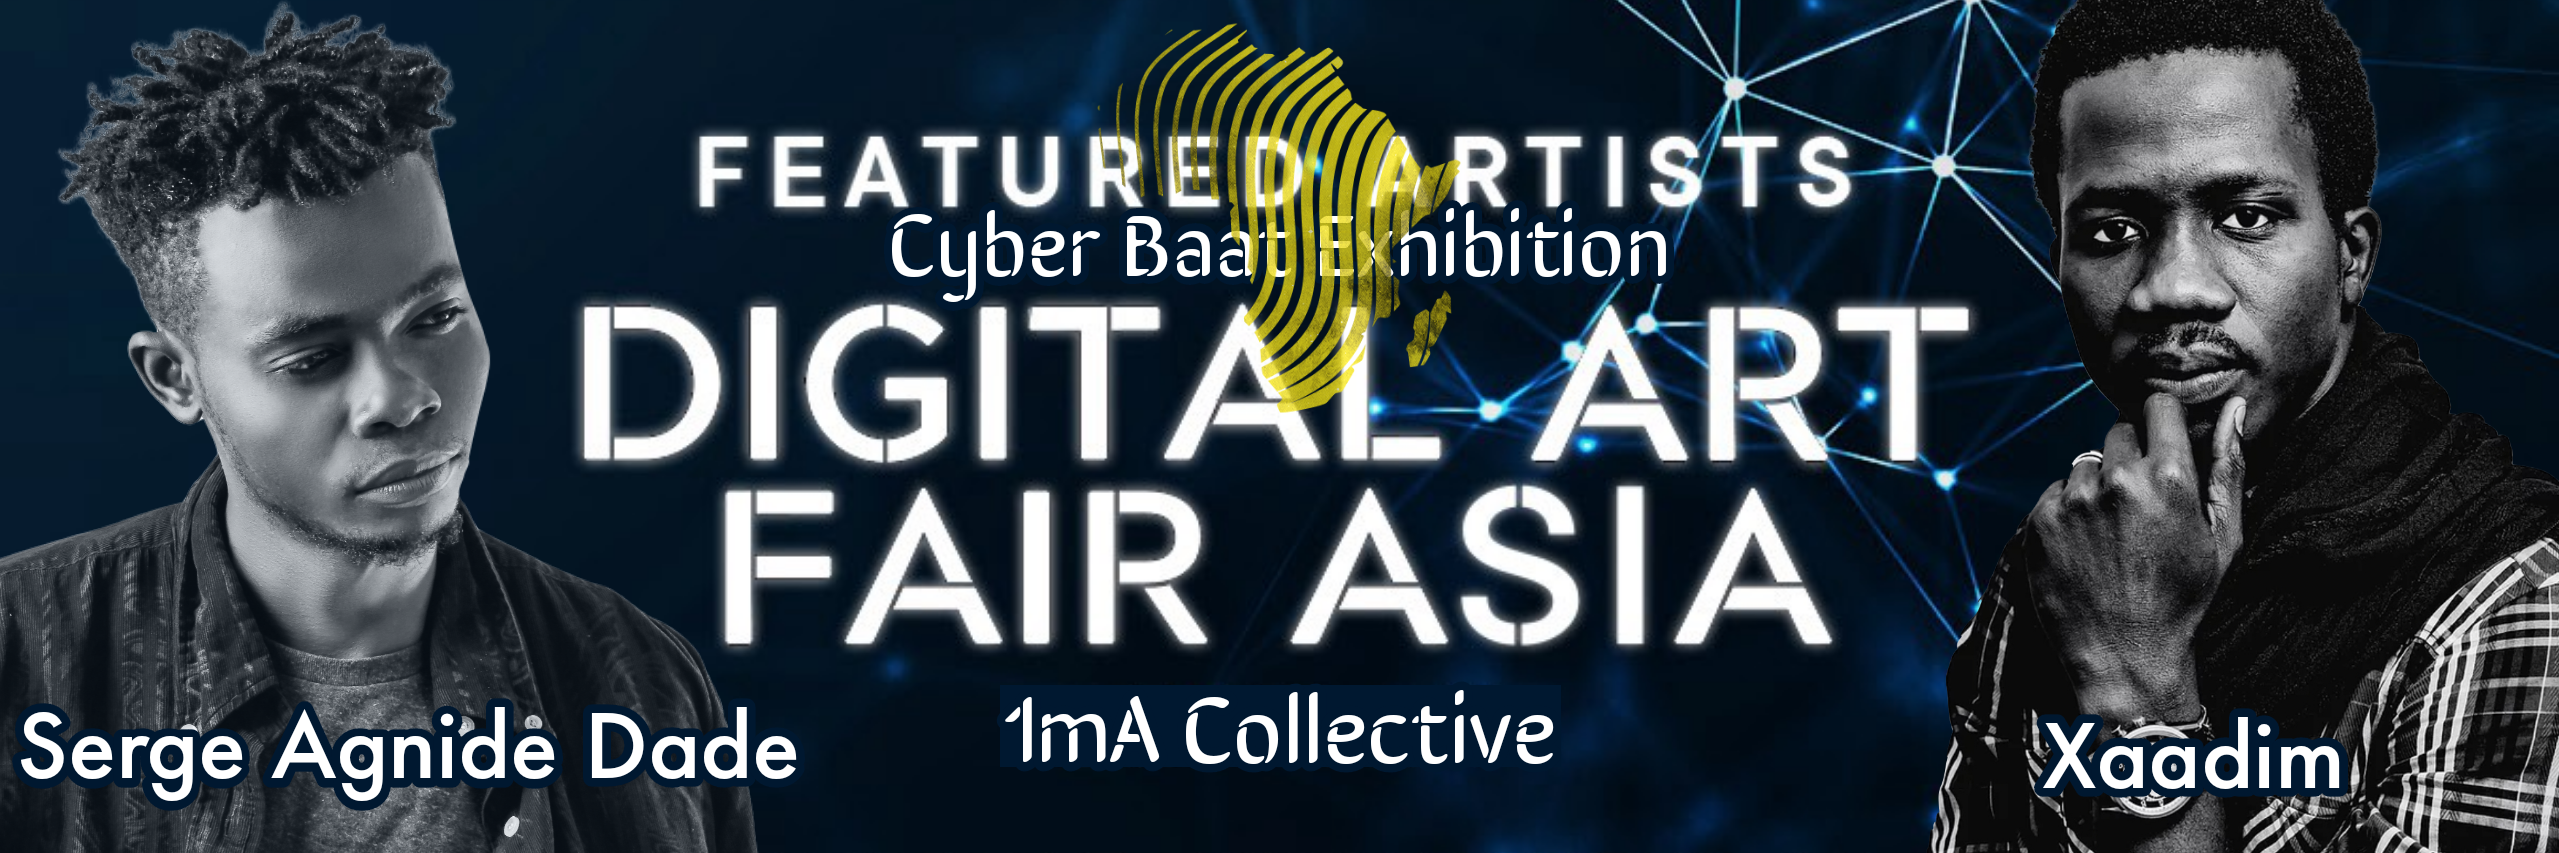 Digital Art Fair Asia